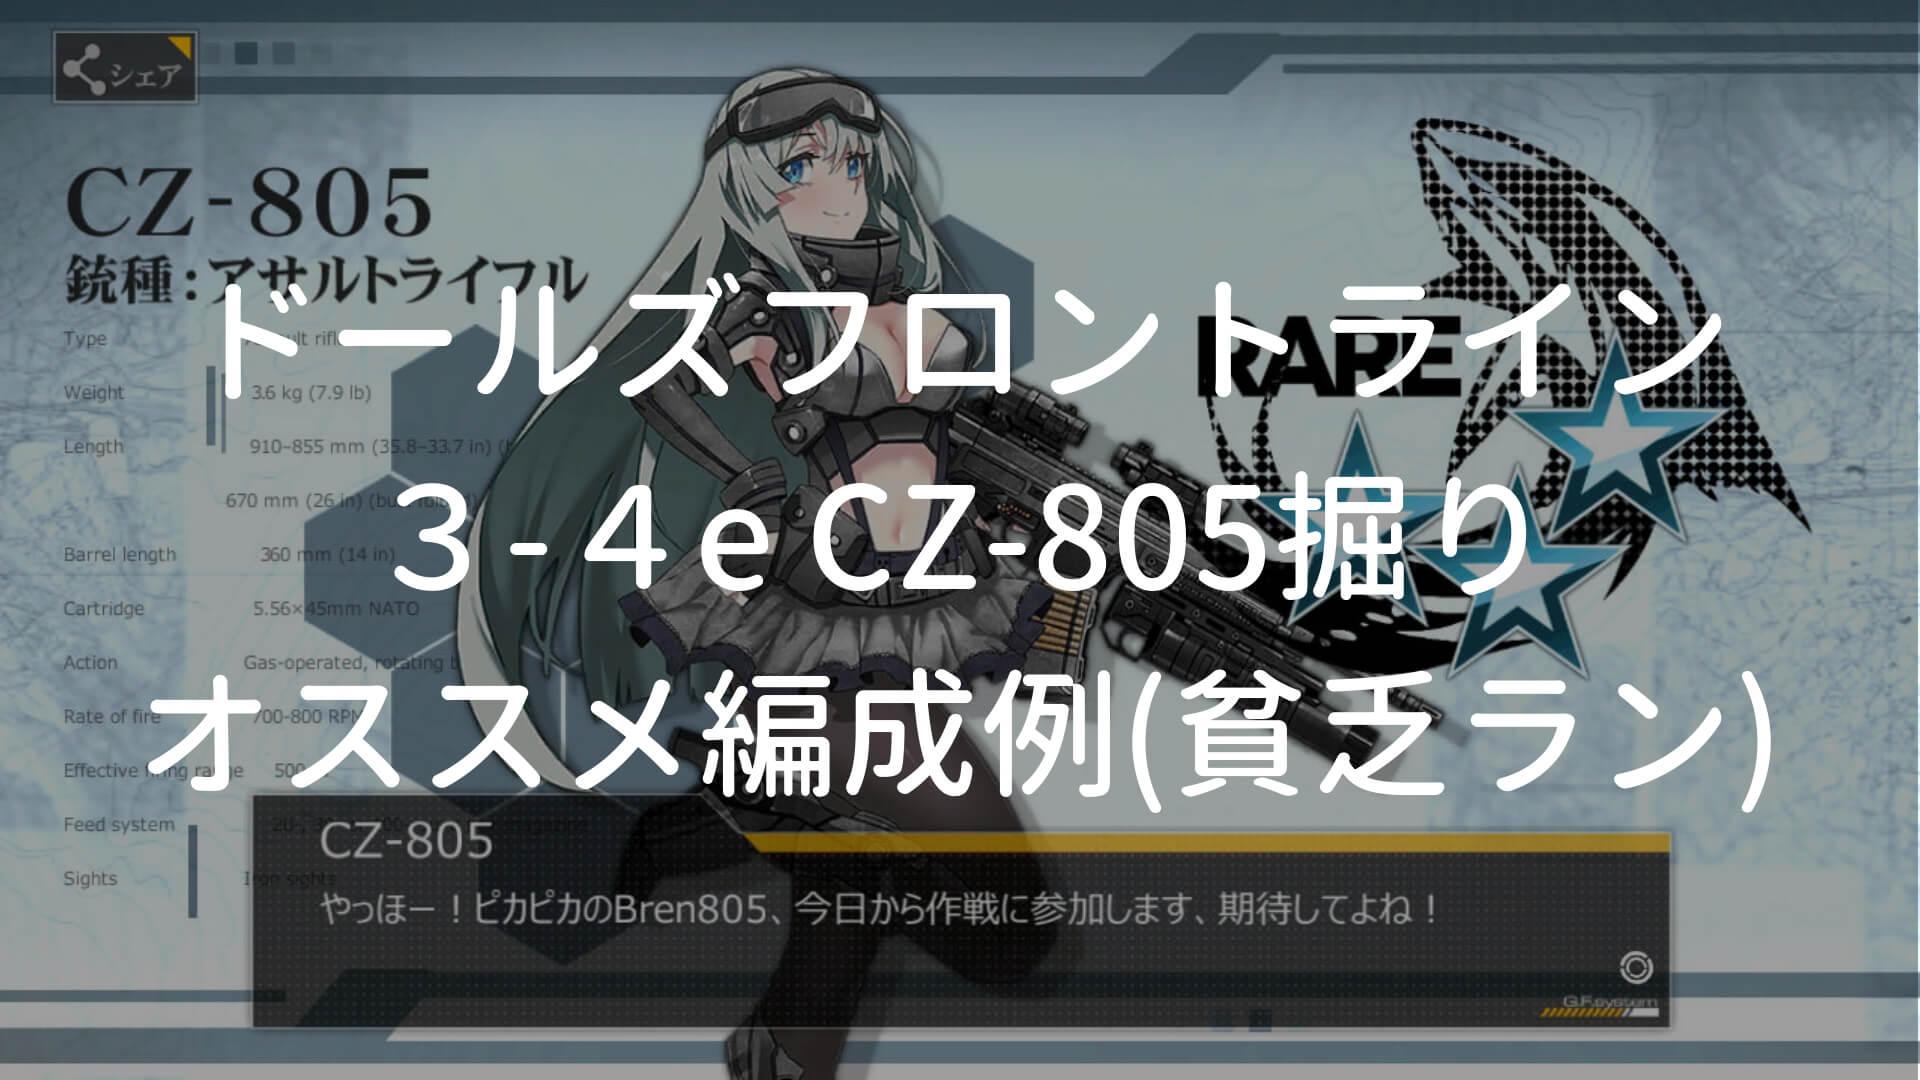 3-4eアイキャッチ